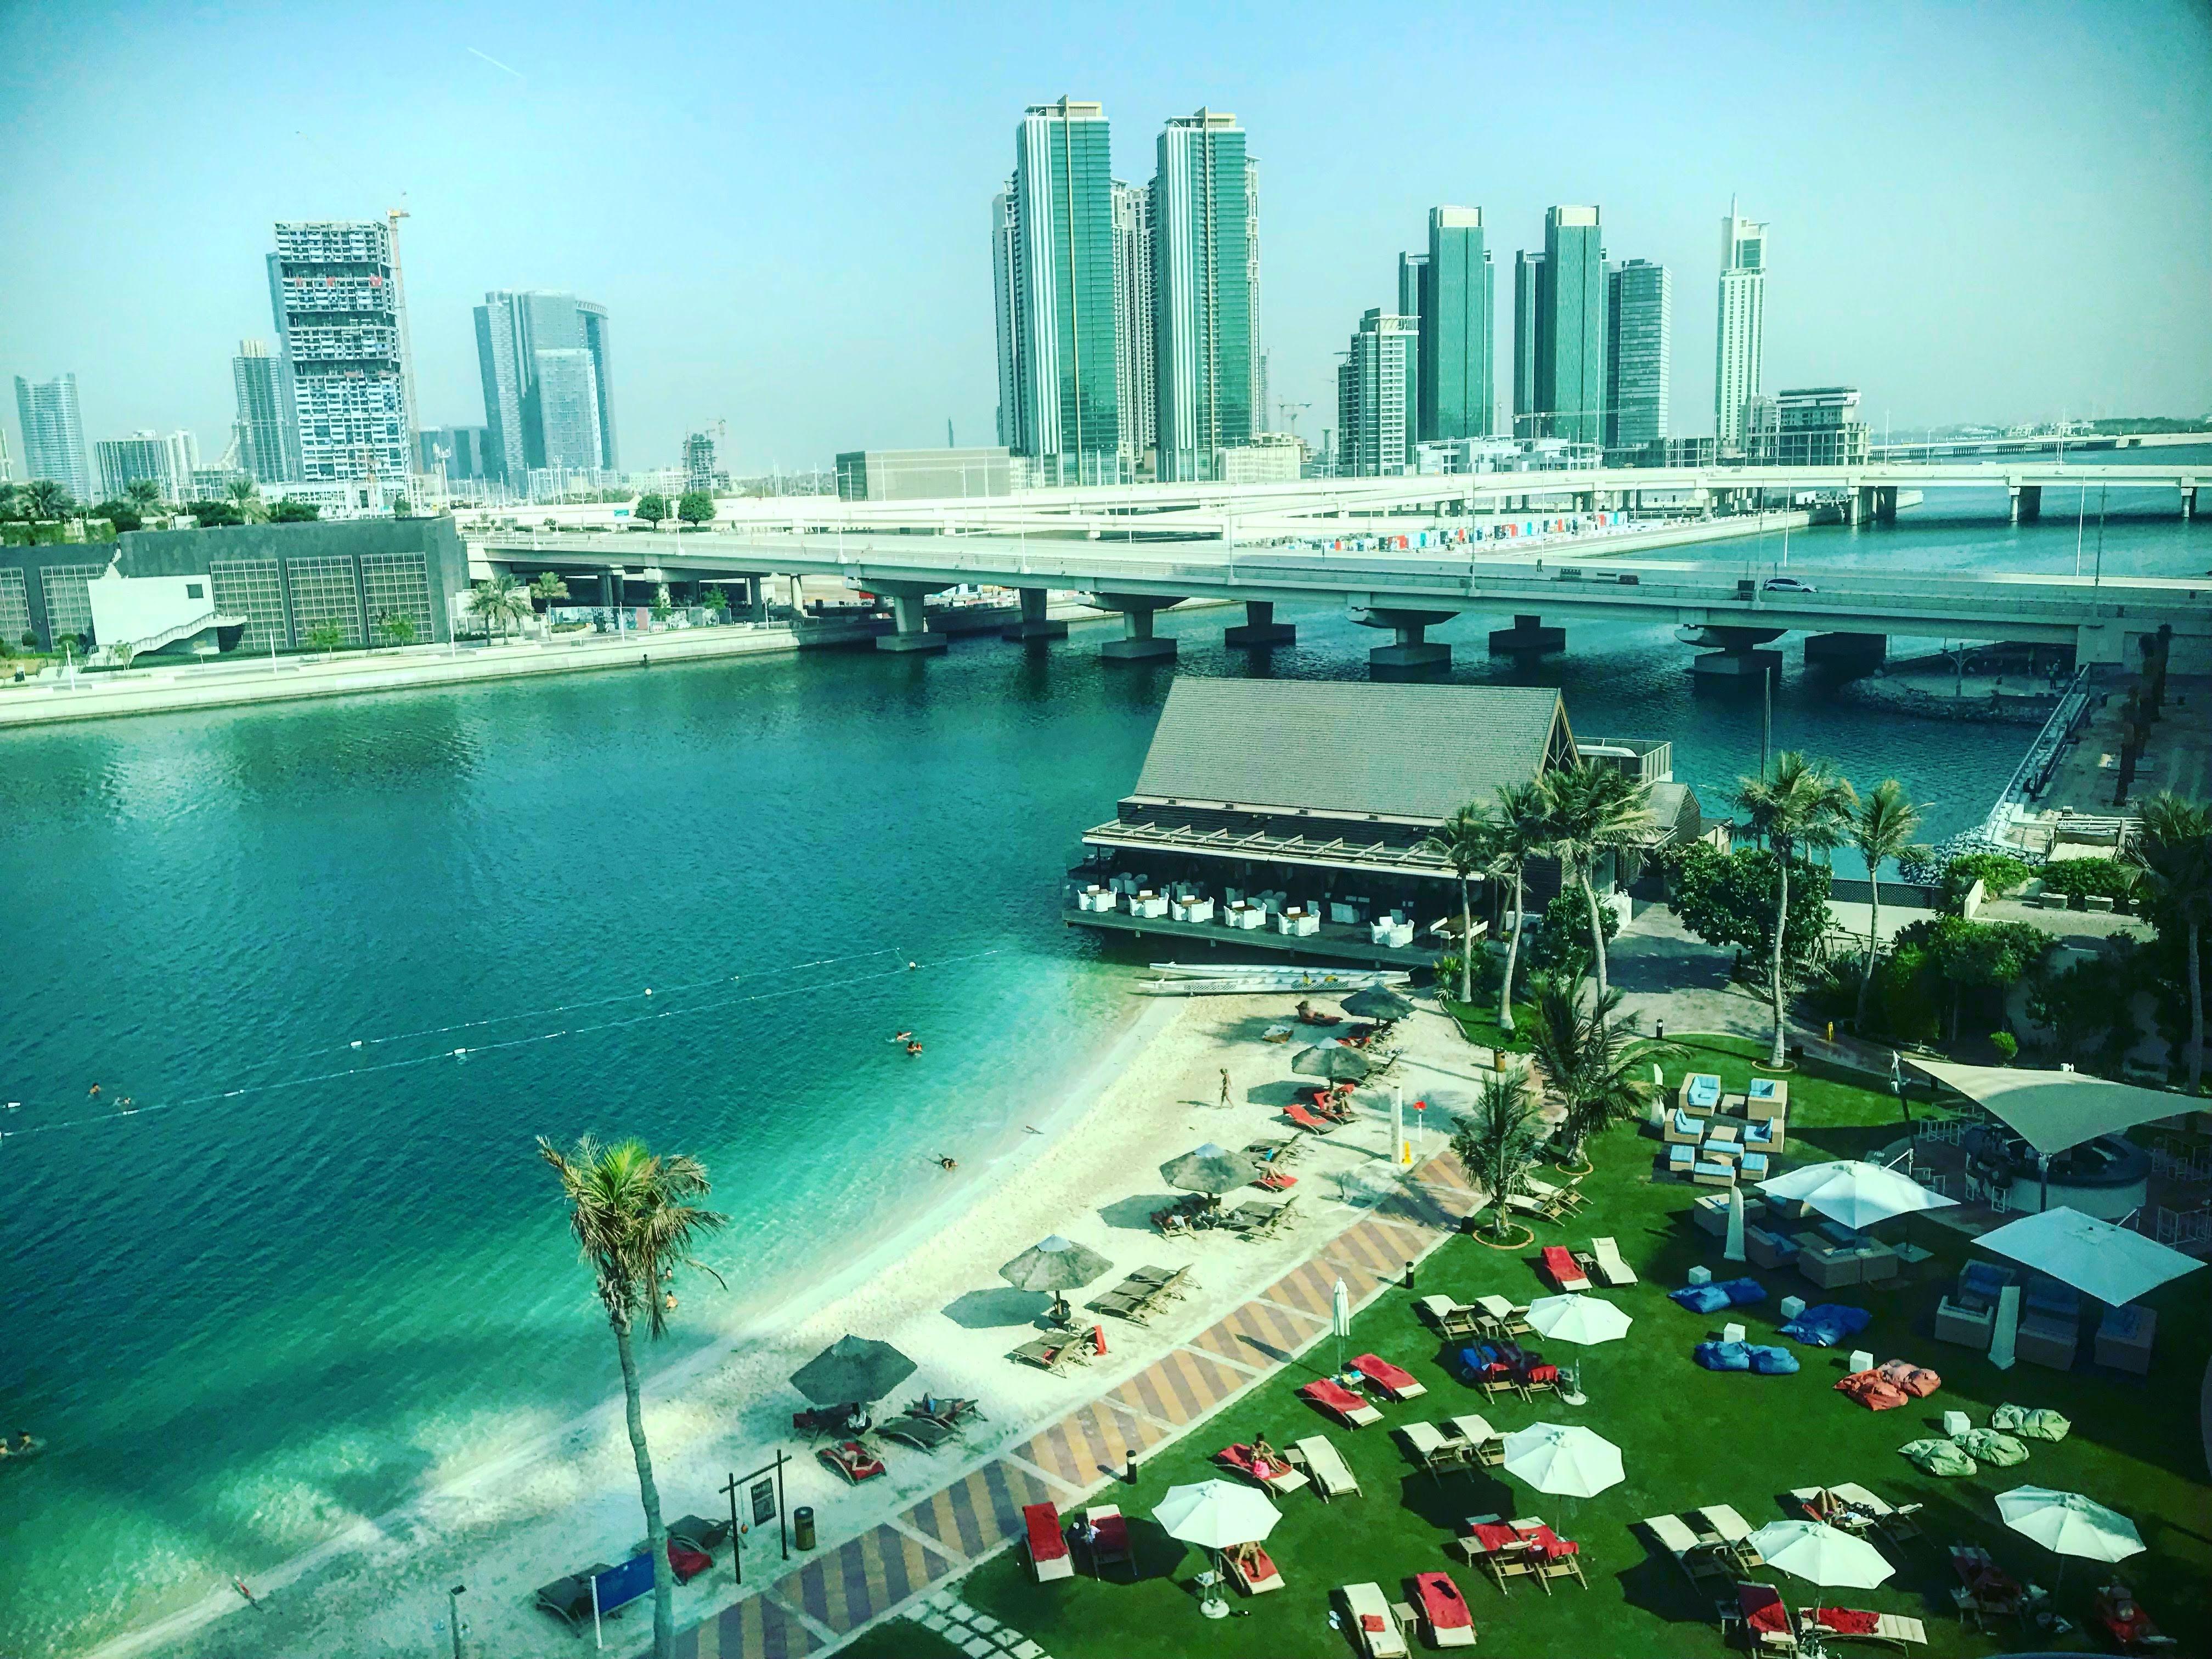 View from Abu Dhabi Mall, Abu Dhabi, UAE